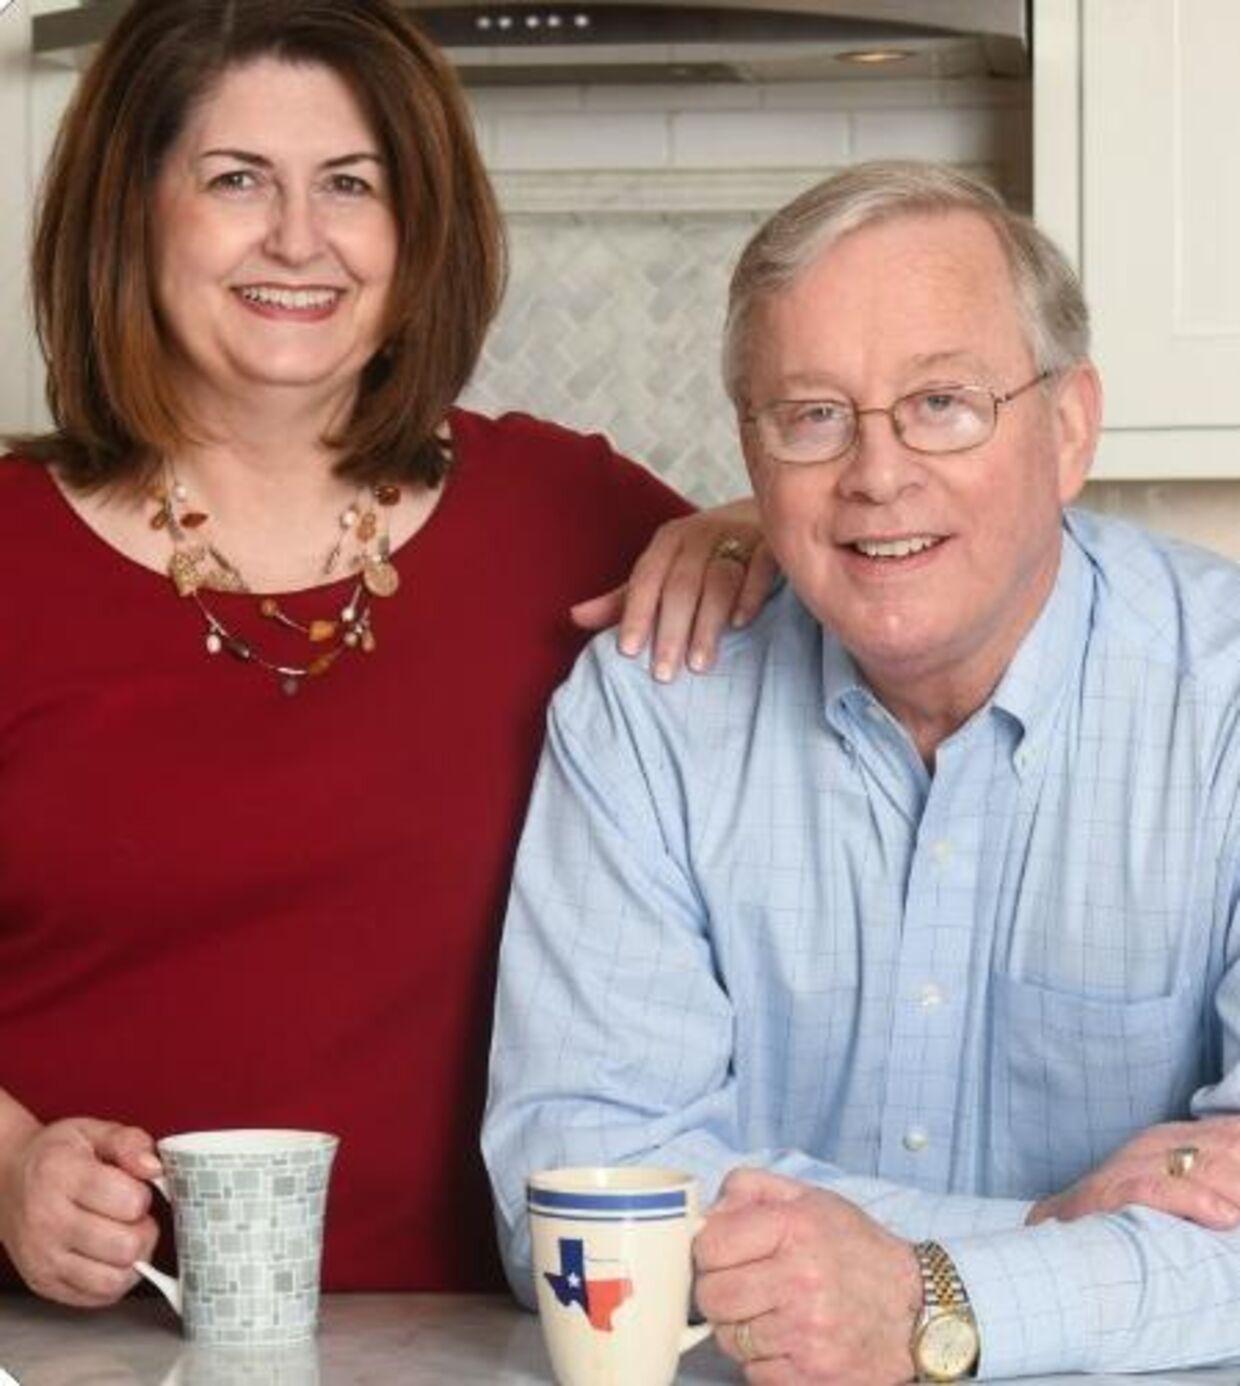 Susan Wright med den afdøde ægtemand, Ron Wright.